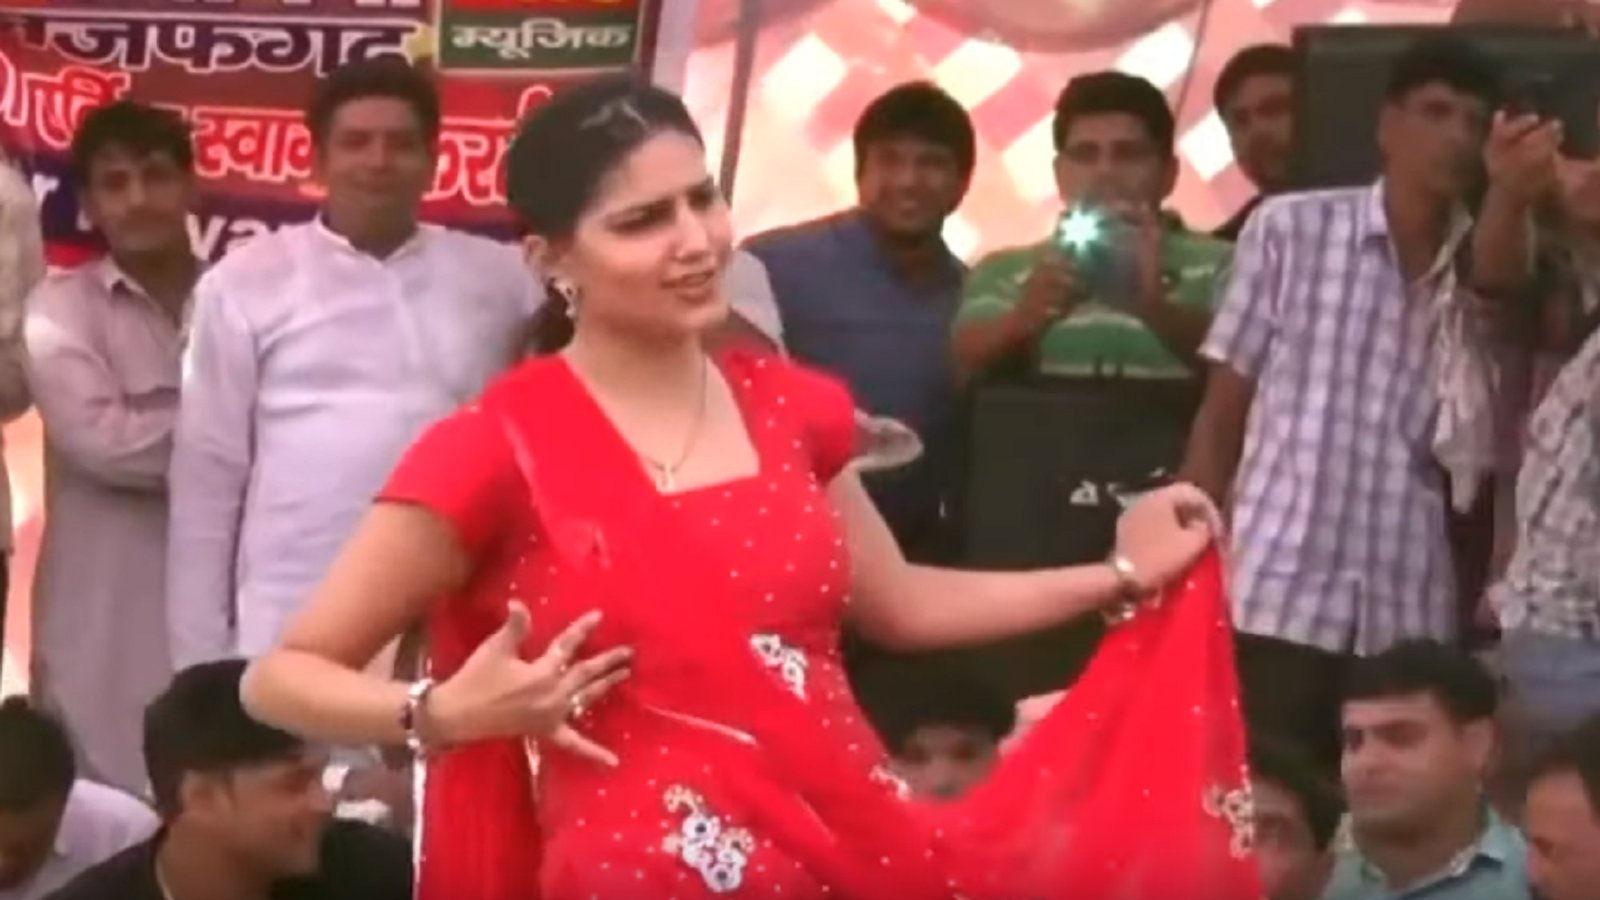 Sapna Choudhary Song: कोरोना के कहर के बीच सपना चौधरी ने अपने डांस से मचाया धमाल, देखें वीडियो